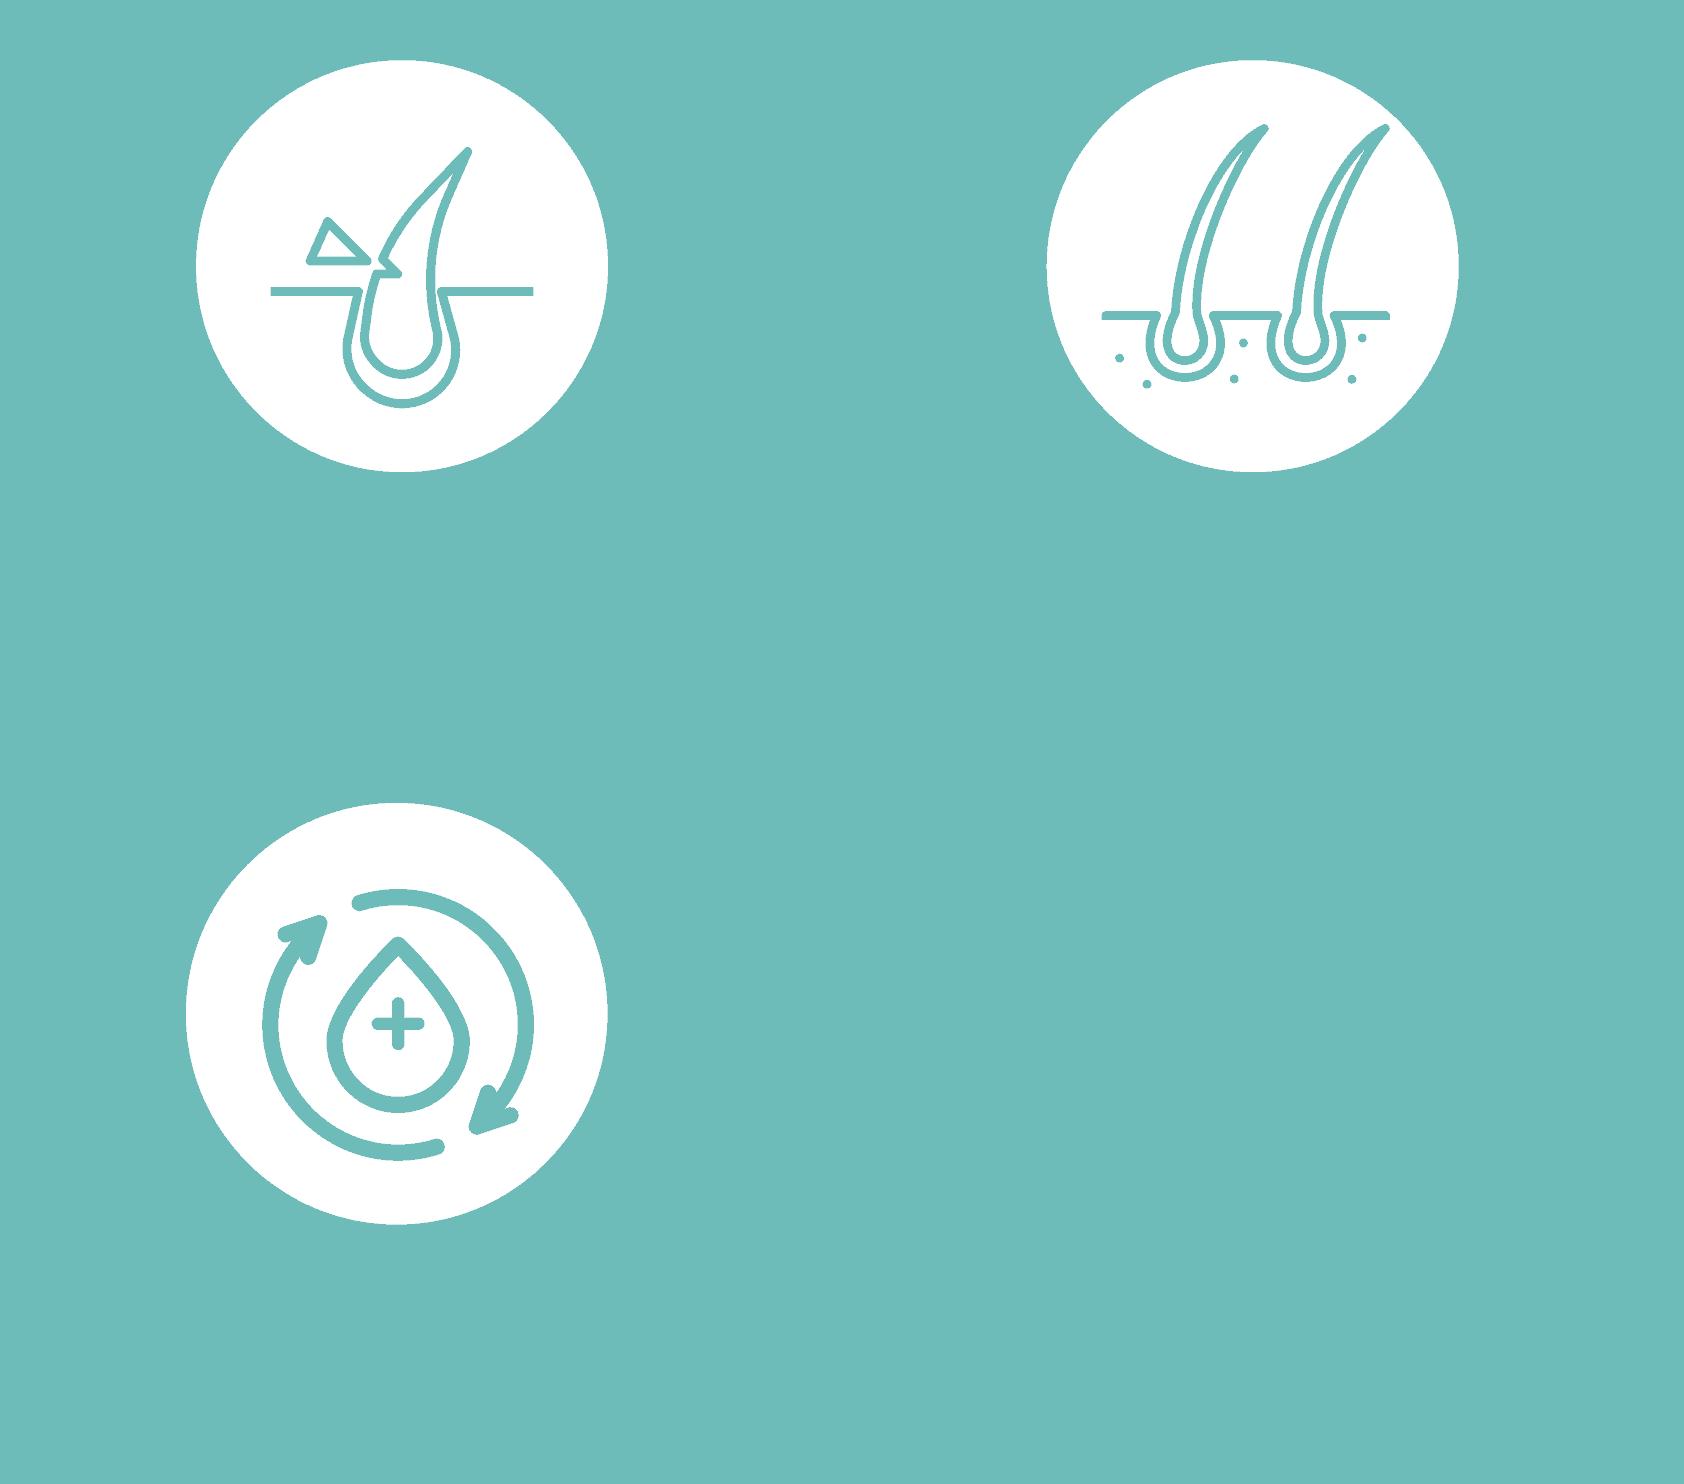 產後脫髮治療 icon1 21 1